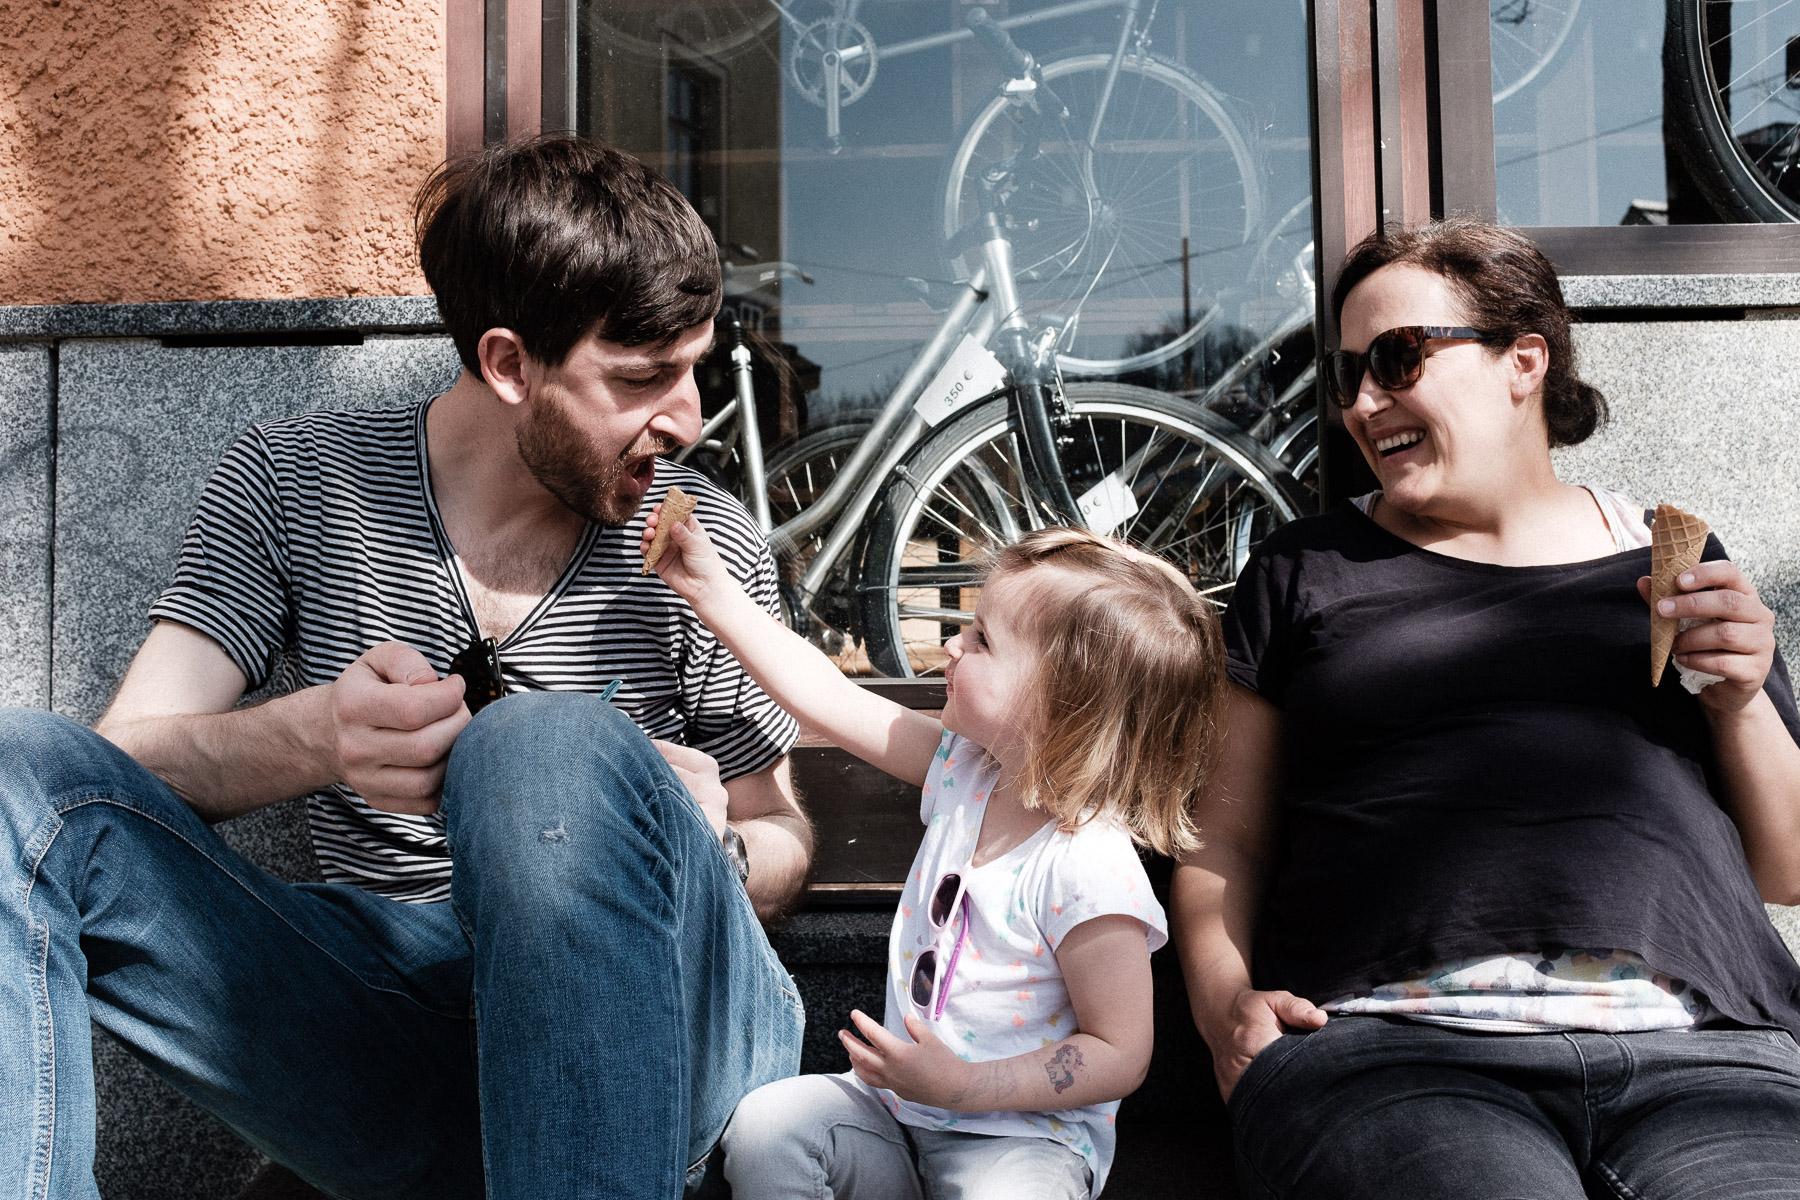 Martin_Liebl_Kein_Familienfotograf_BL_Blog_20.jpg